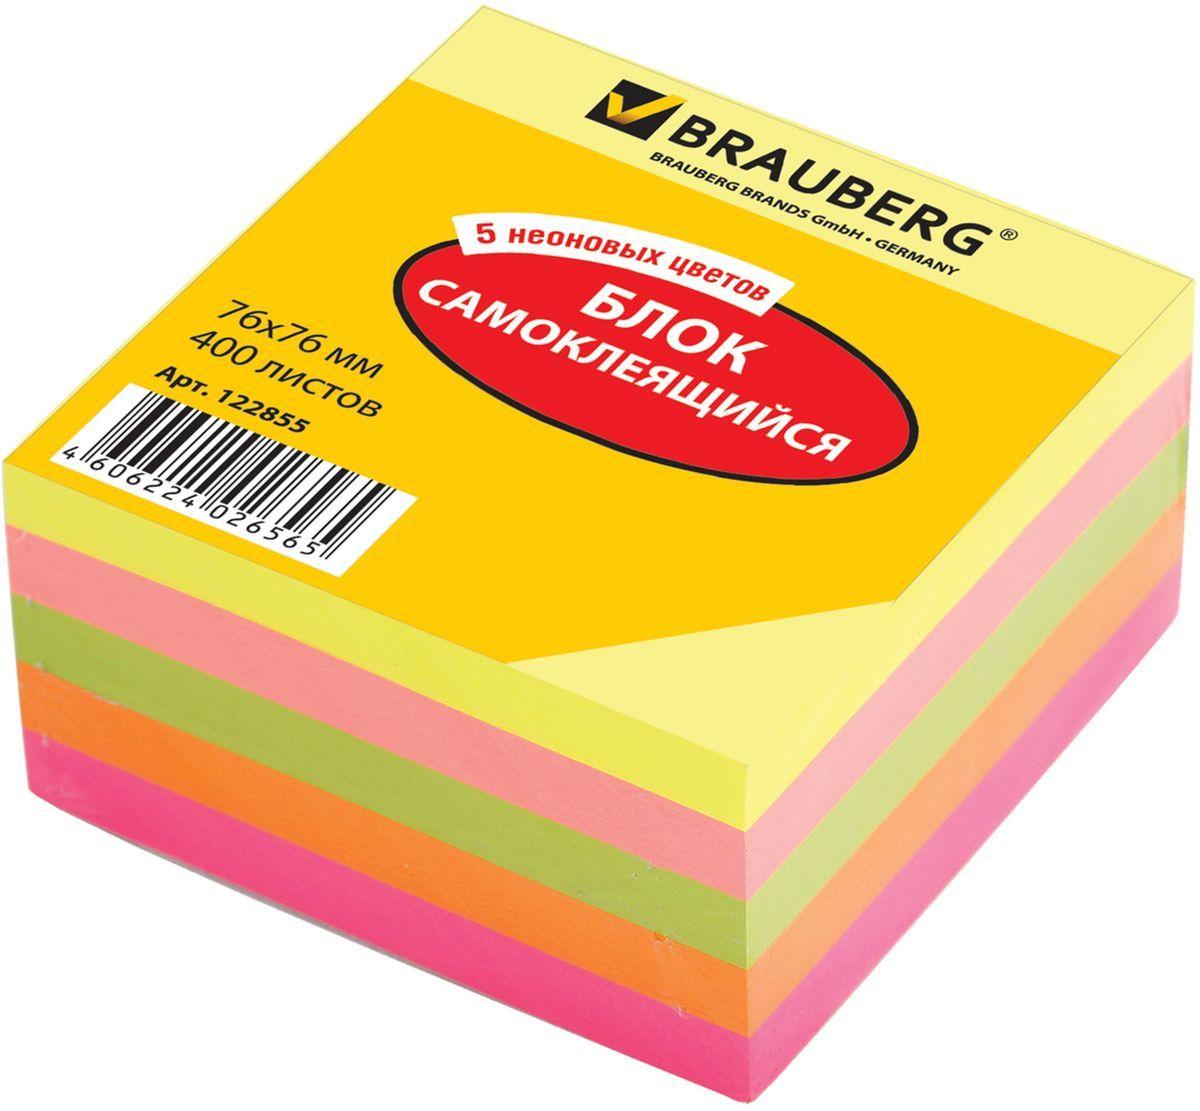 Brauberg Бумага для заметок 400 листов122855Яркая бумага для заметок Brauberg непременно привлечет к себе внимание.Бумага состоит из четырехсот разноцветных листочков, которые удобны для заметок, объявлений и других коротких сообщений. Листочки легко приклеиваются к любой поверхности, будь то бумага, корпус монитора или дверь. Также они не оставляют следов после отклеивания.